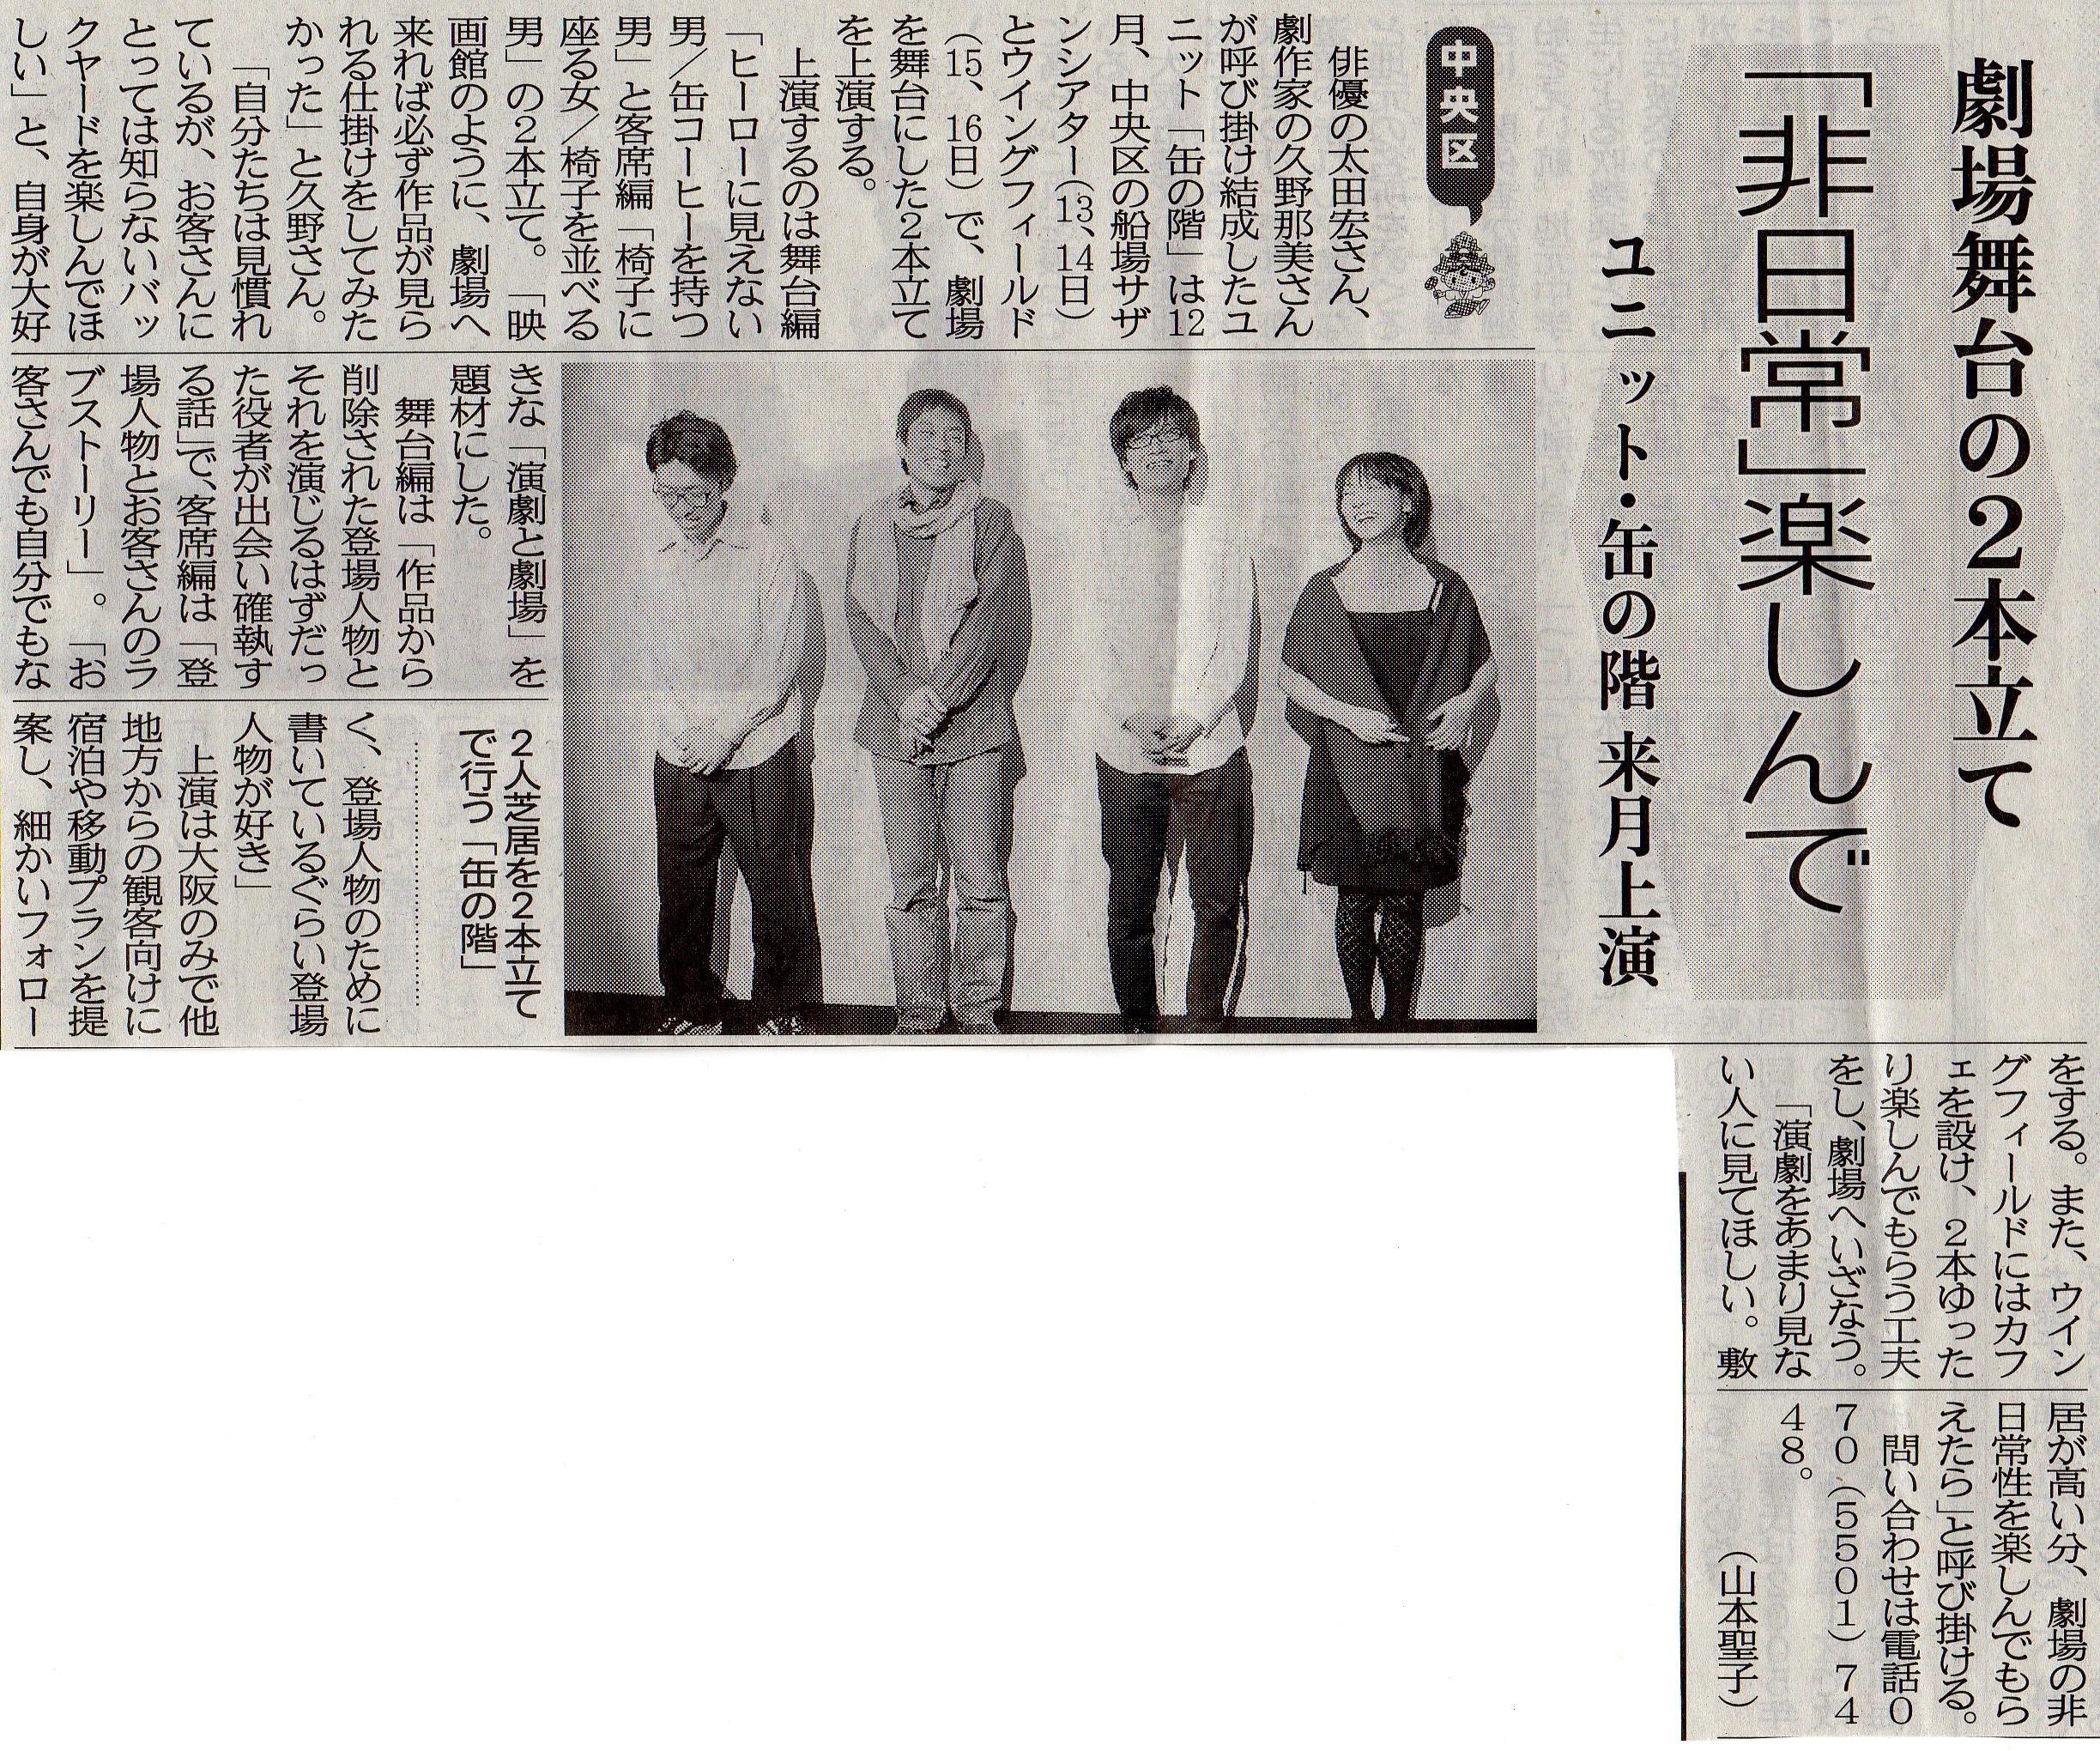 大阪日日新聞記事